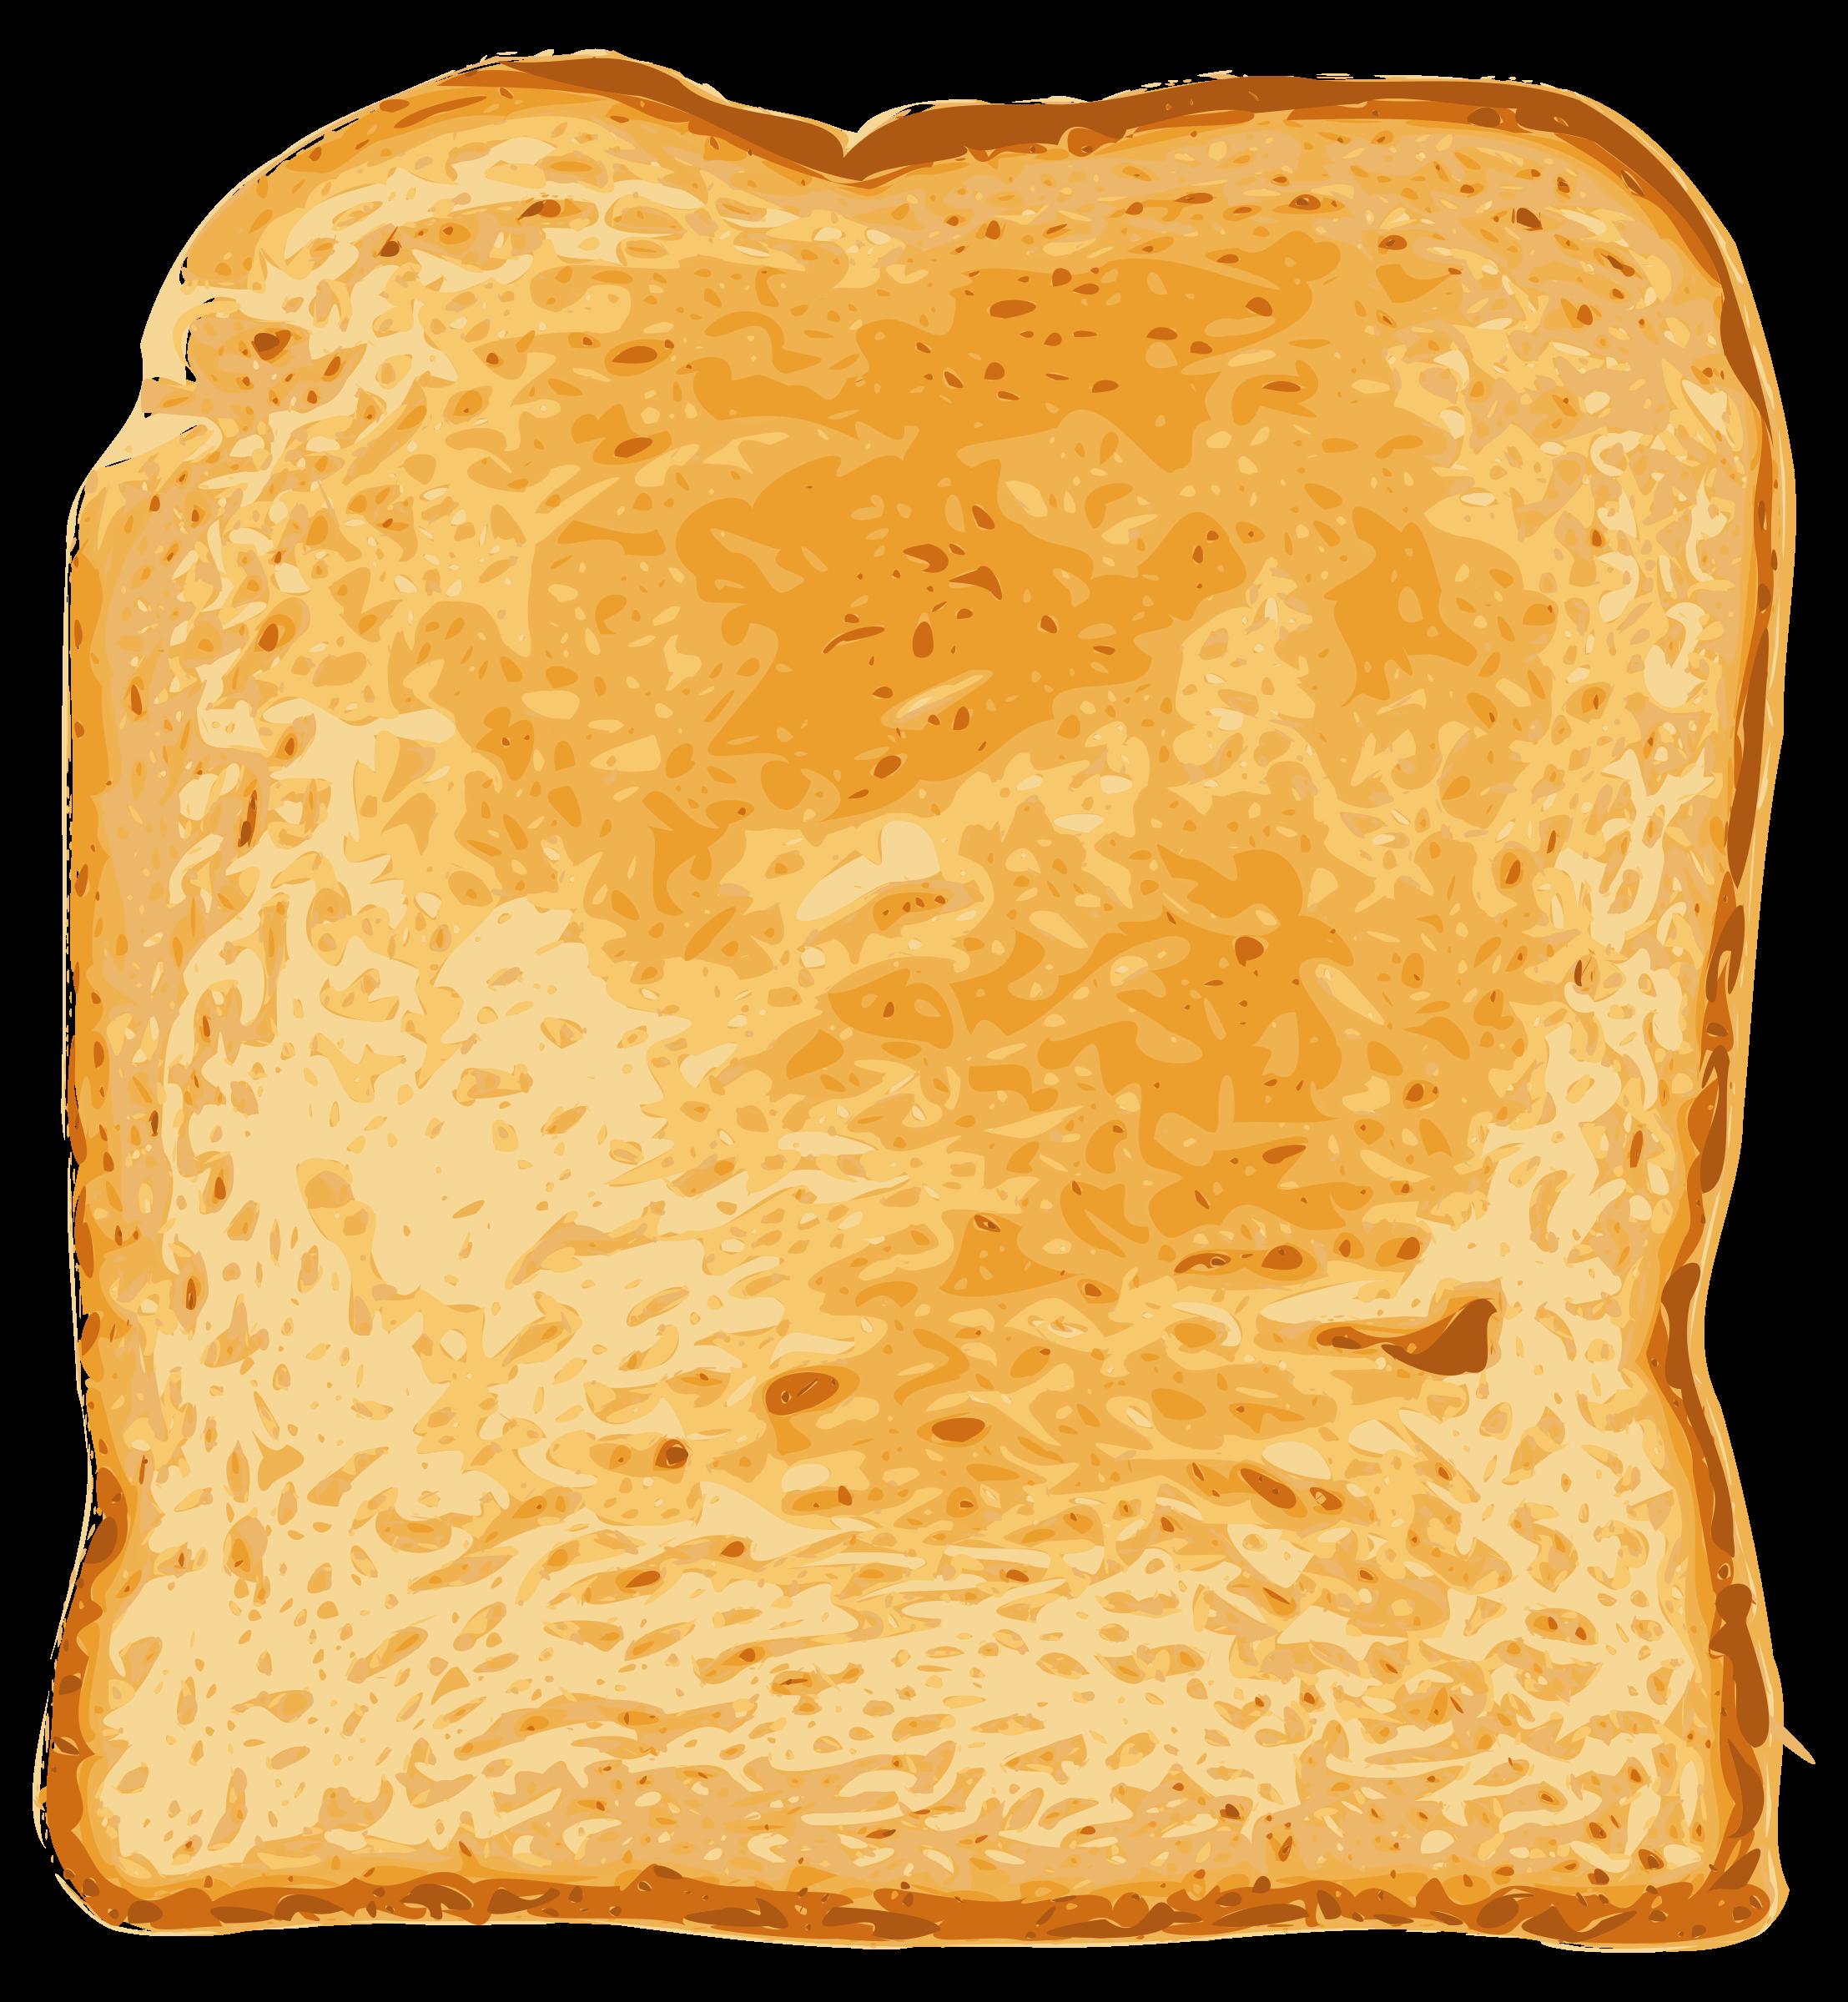 Toaster-Royalty-free clipart - Toast png herunterladen - 2400*2207 -  Kostenlos transparent png Herunterladen.